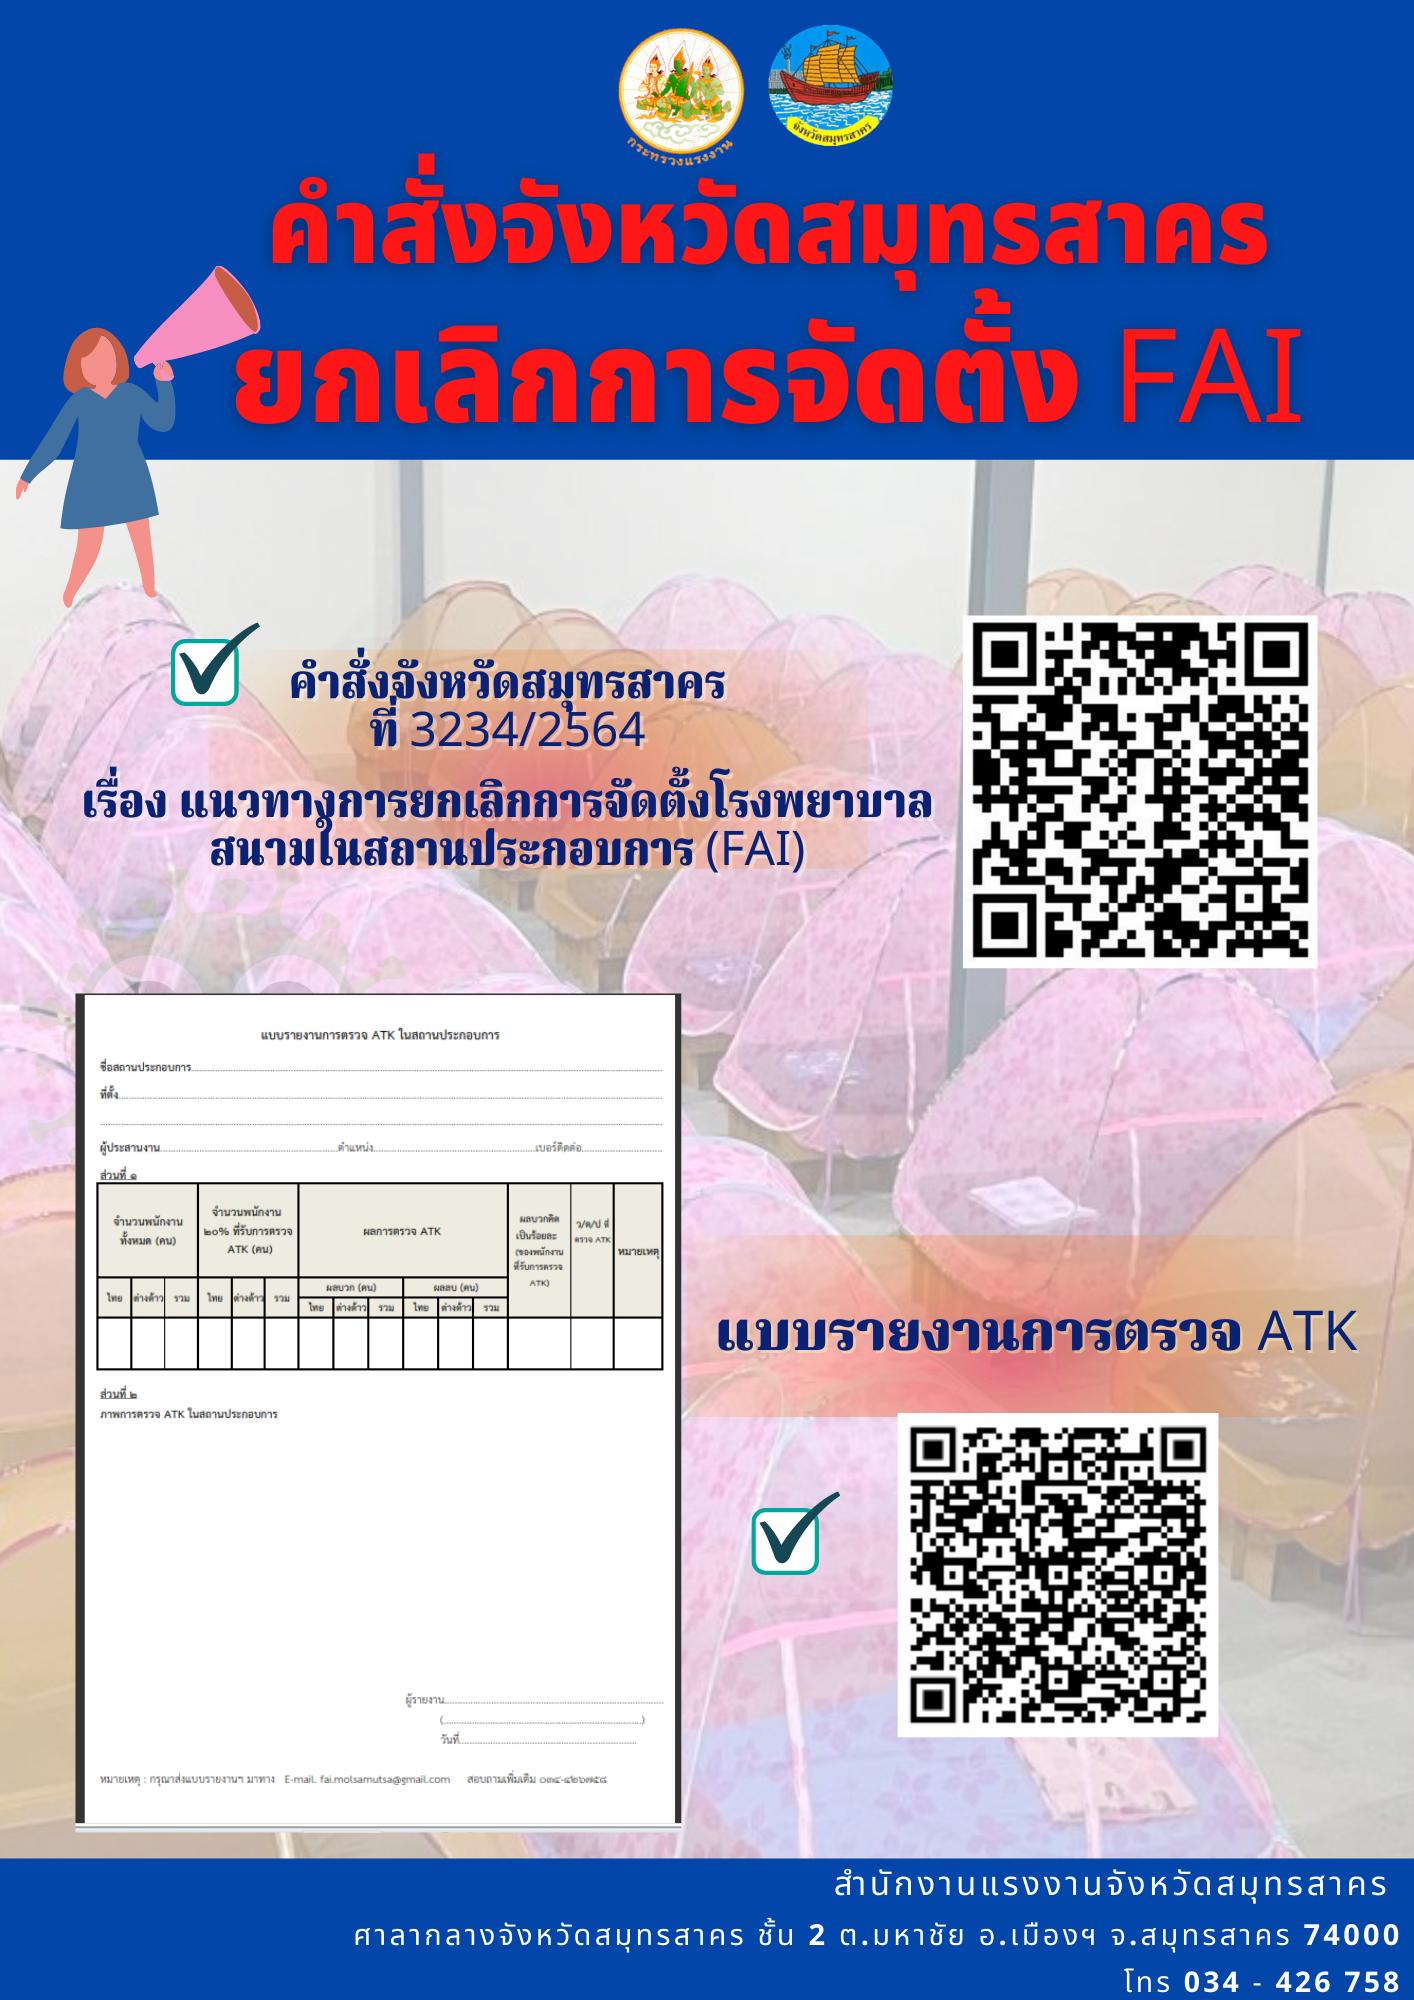 คำสั่งจังหวัดสมุทรสาคร ที่ 3234/2564 เรื่อง แนวทางการยกเลิกการจัดตั้งโรงพยาบาลสนามในสถานประกอบการ (FAI)